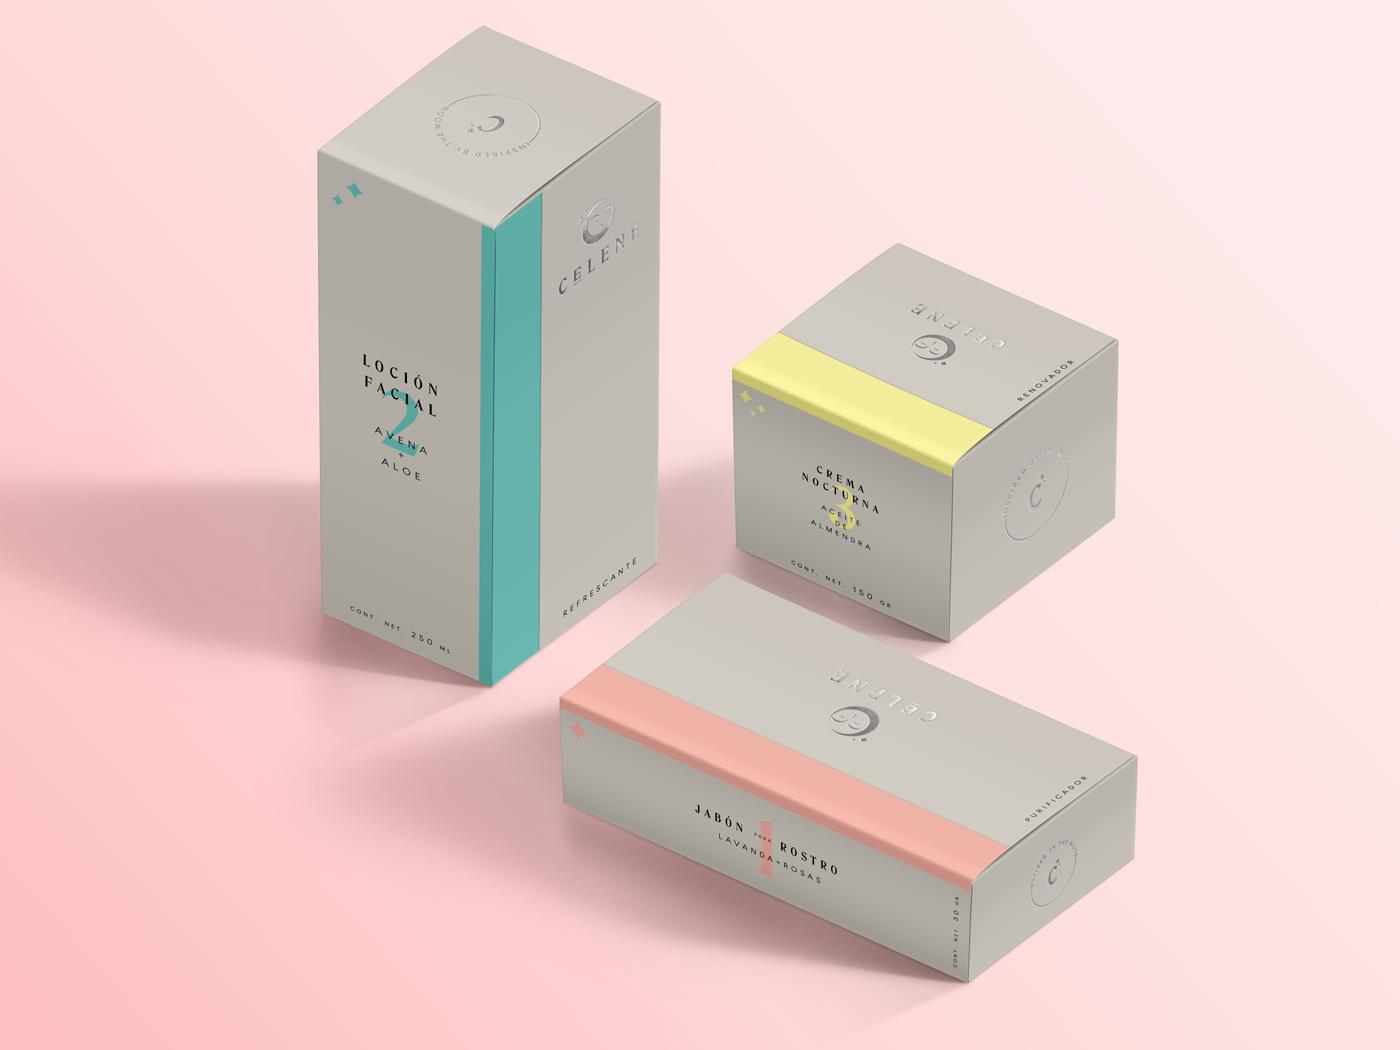 Célene packaging by Enrique Larios and Cursi Estudio